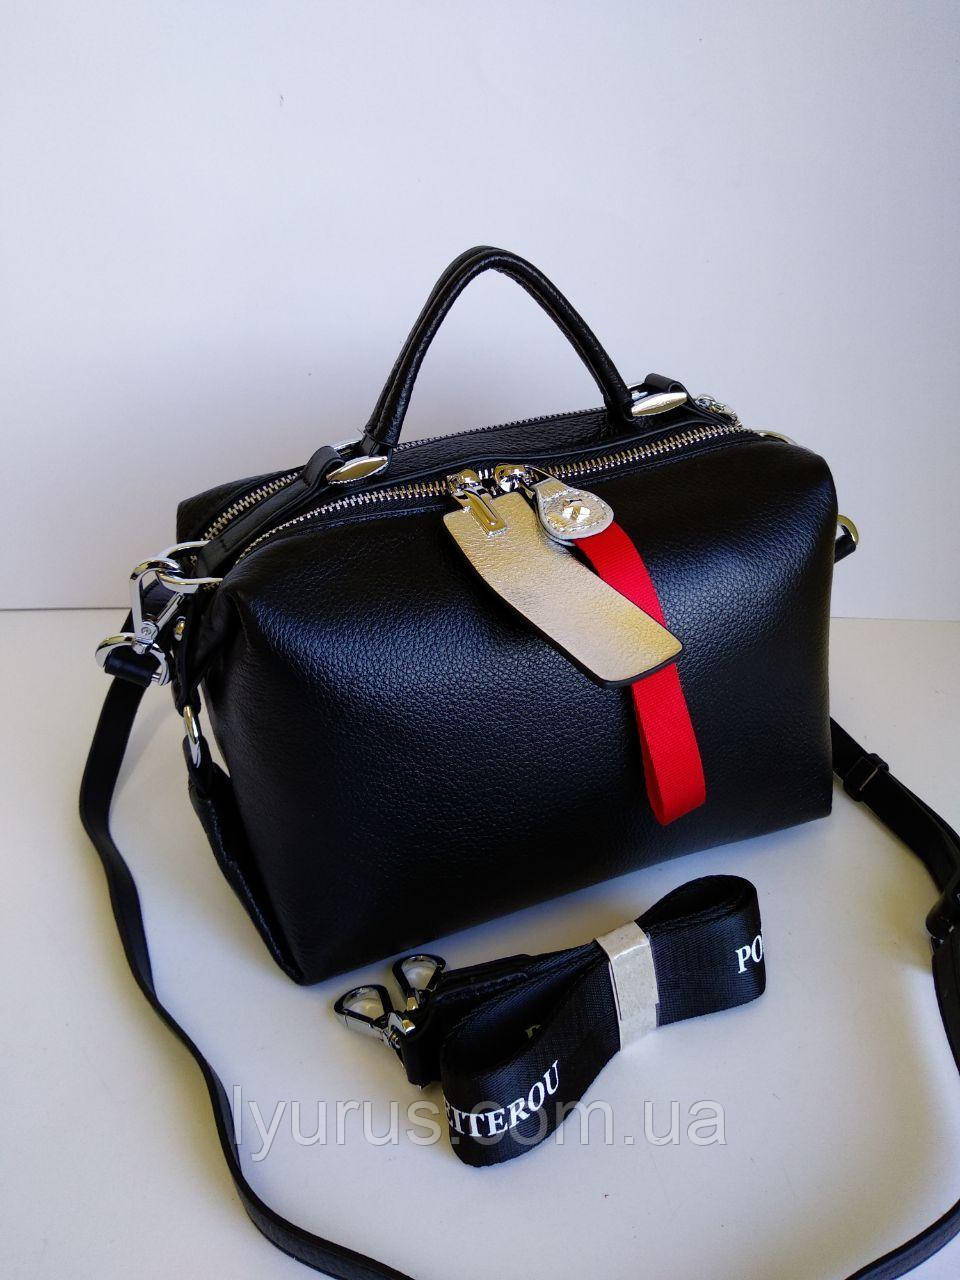 Женская кожаная сумка Polina & Eiterou с двумя ремнями